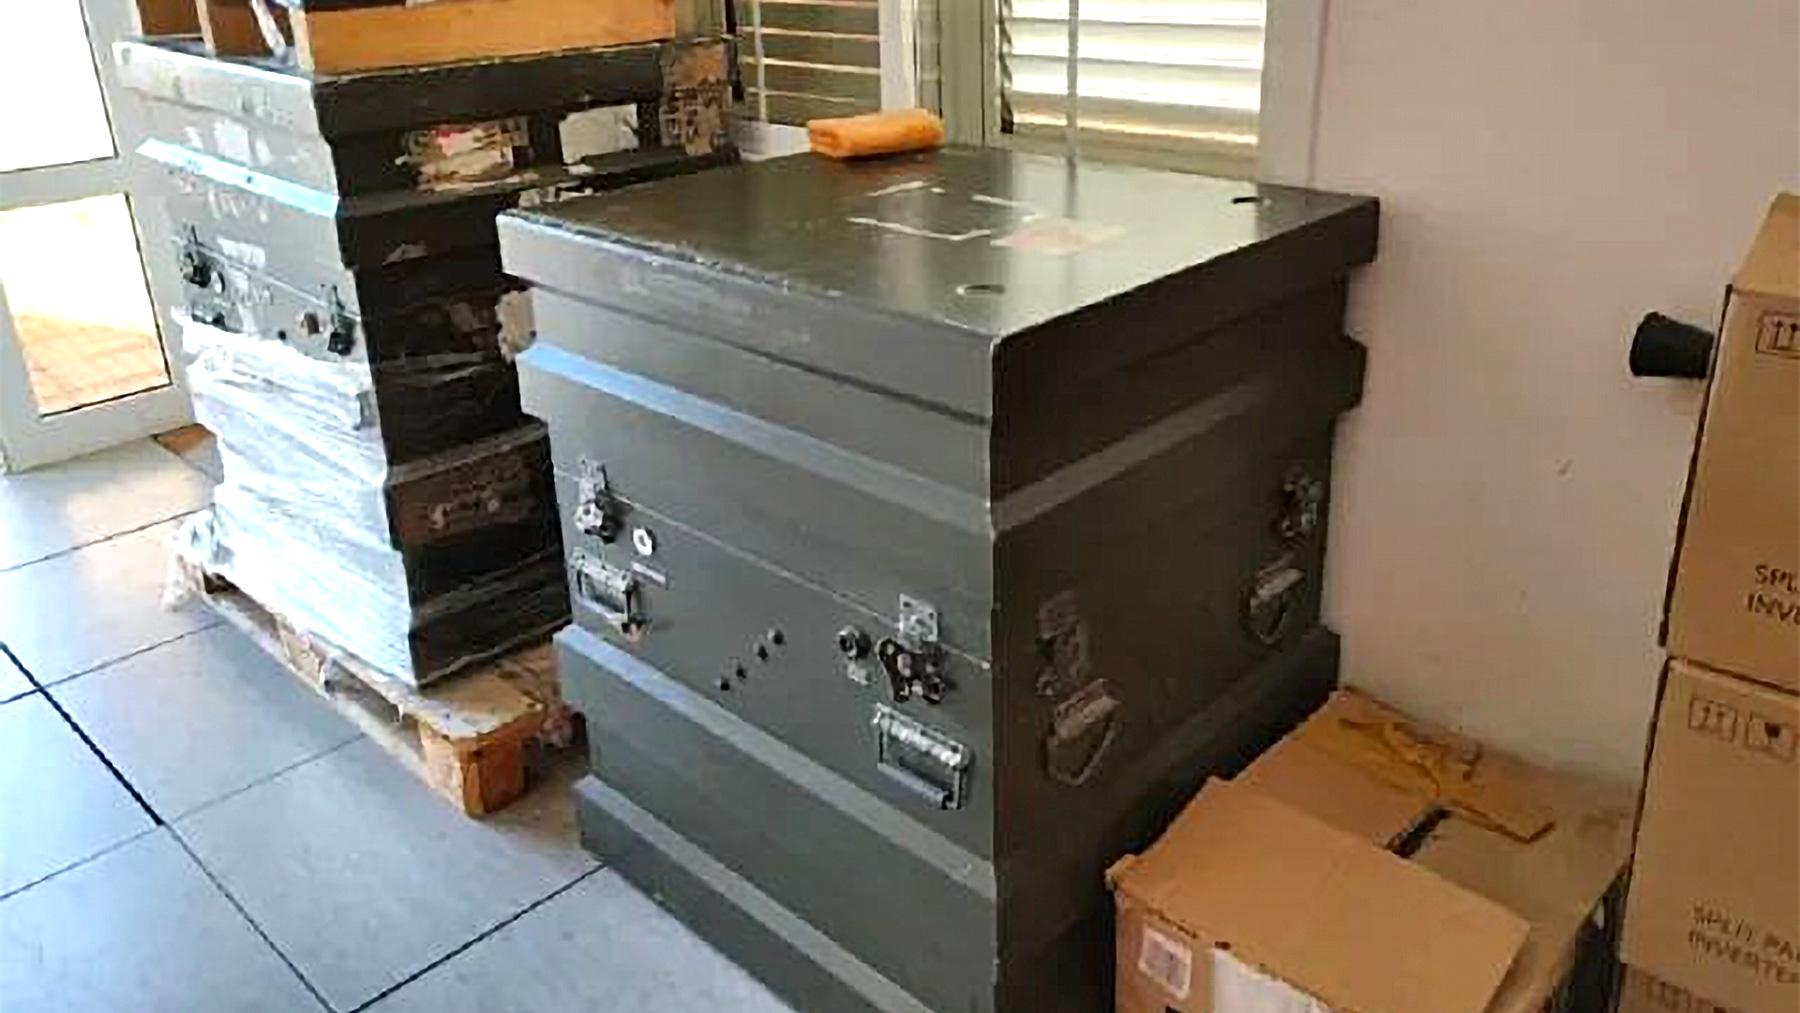 El radar SIVE, guardado en un almacén.